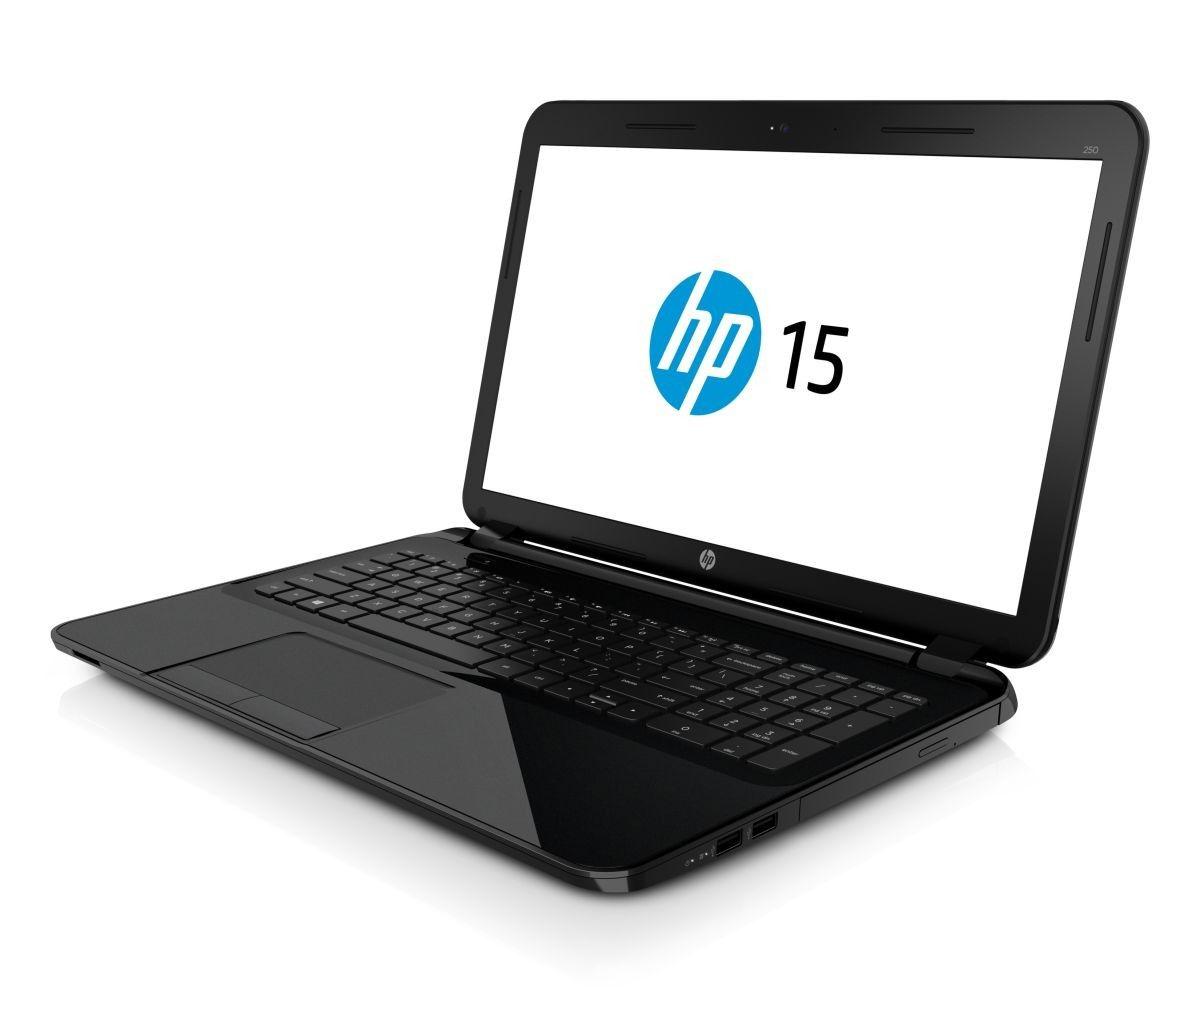 HP 15-g099su - 1